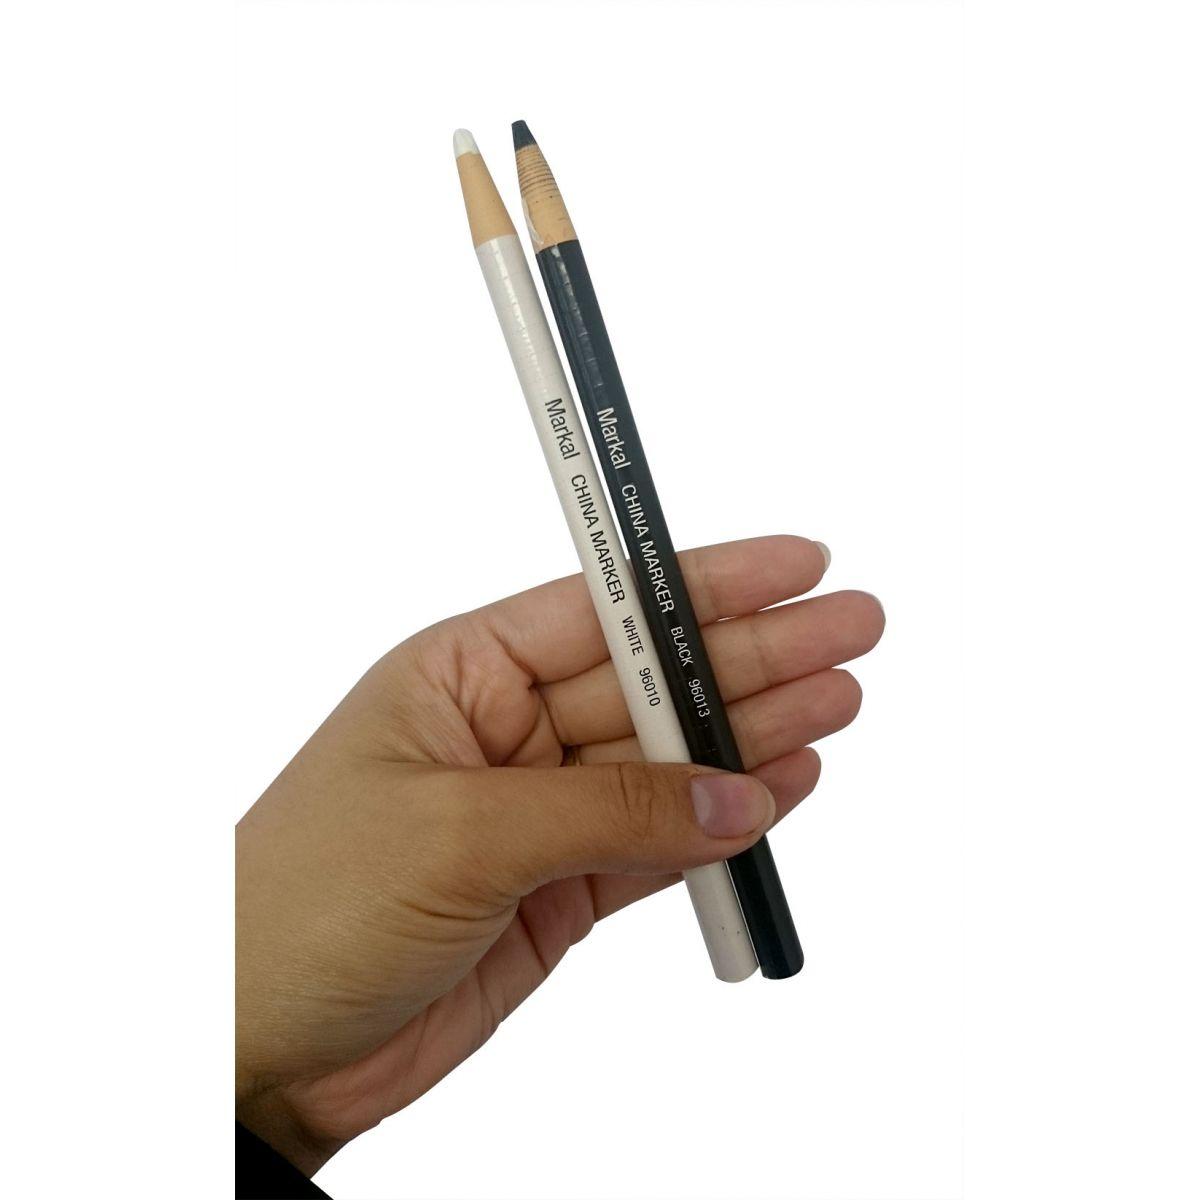 Par de Lápis Marcador de Superfícies - Branco e Preto